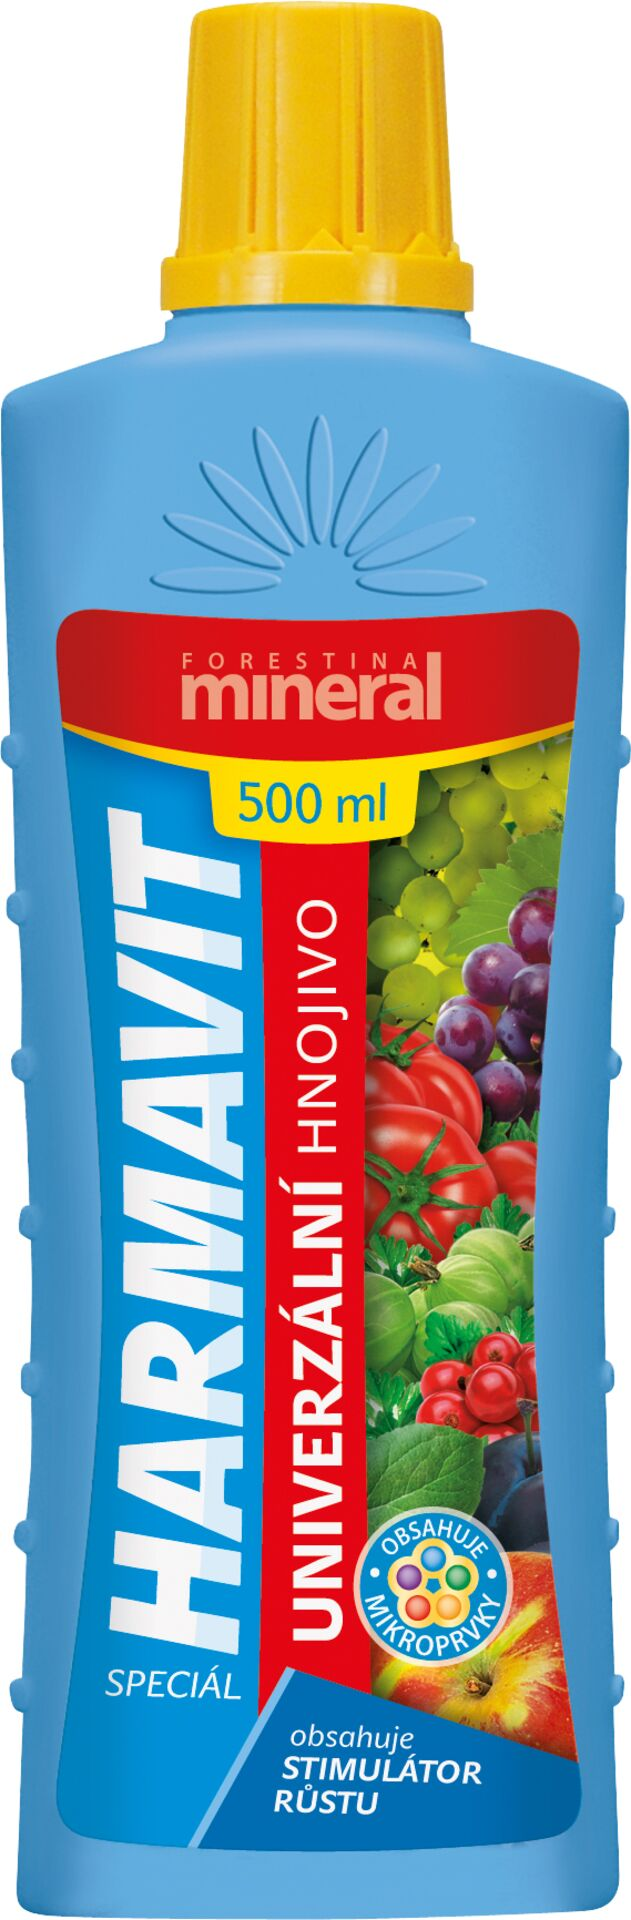 Hnojivo HARMAVIT MINERAL univerzální 500ml